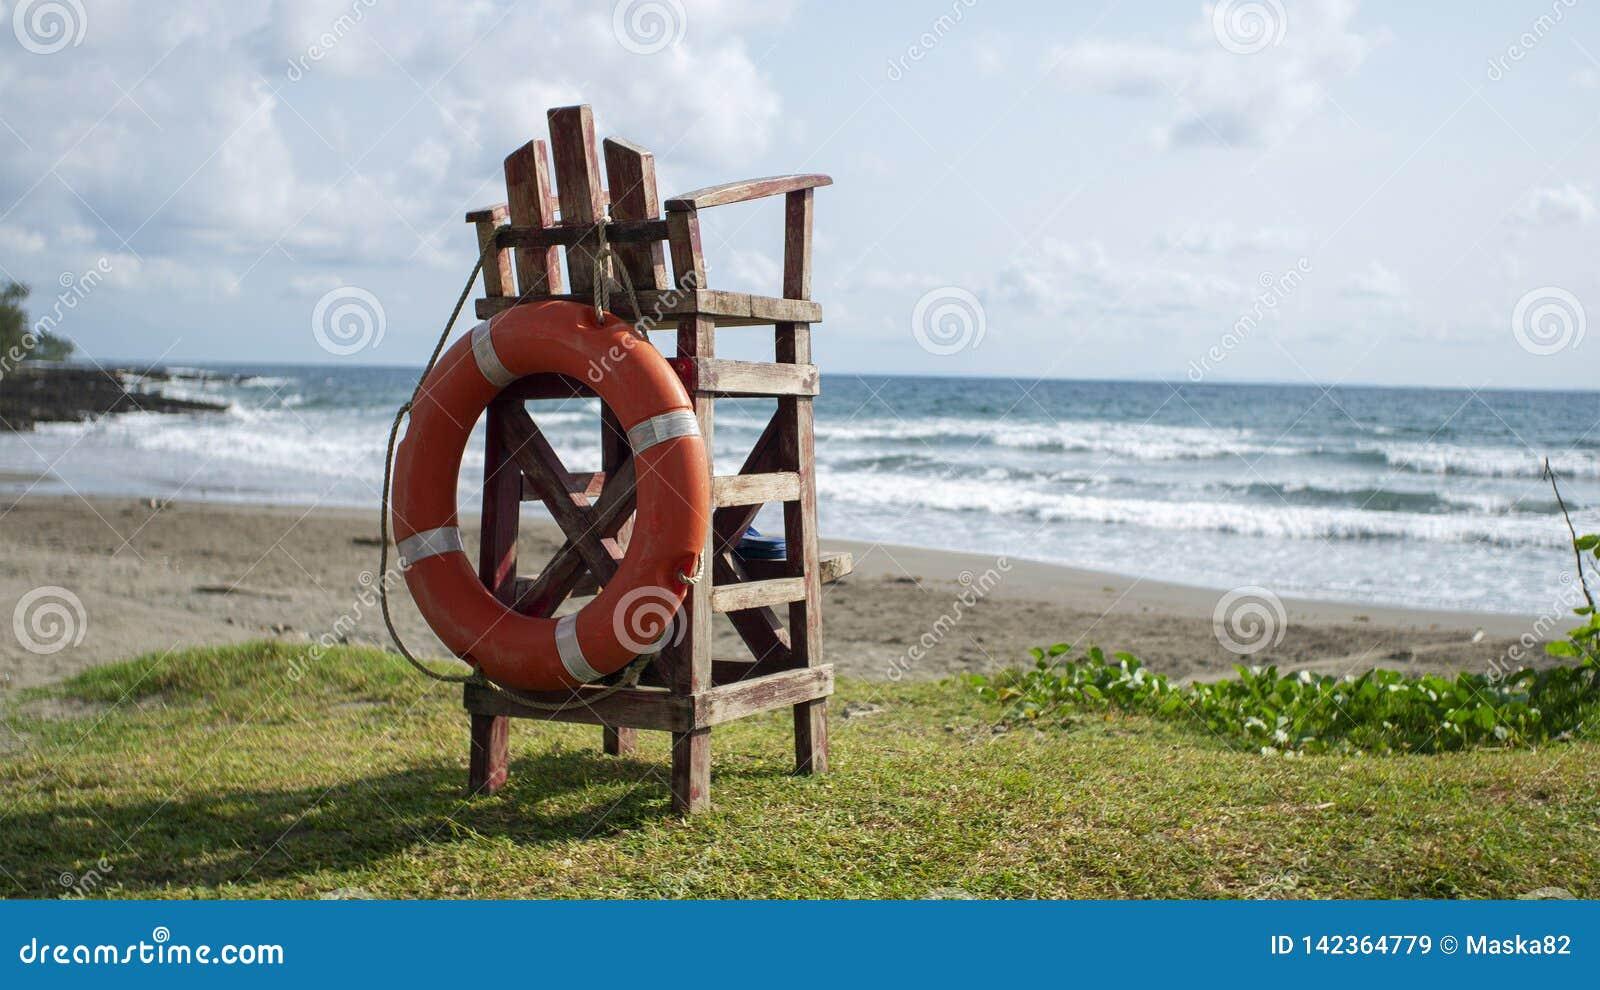 Empty lifeguard wooden watch chair